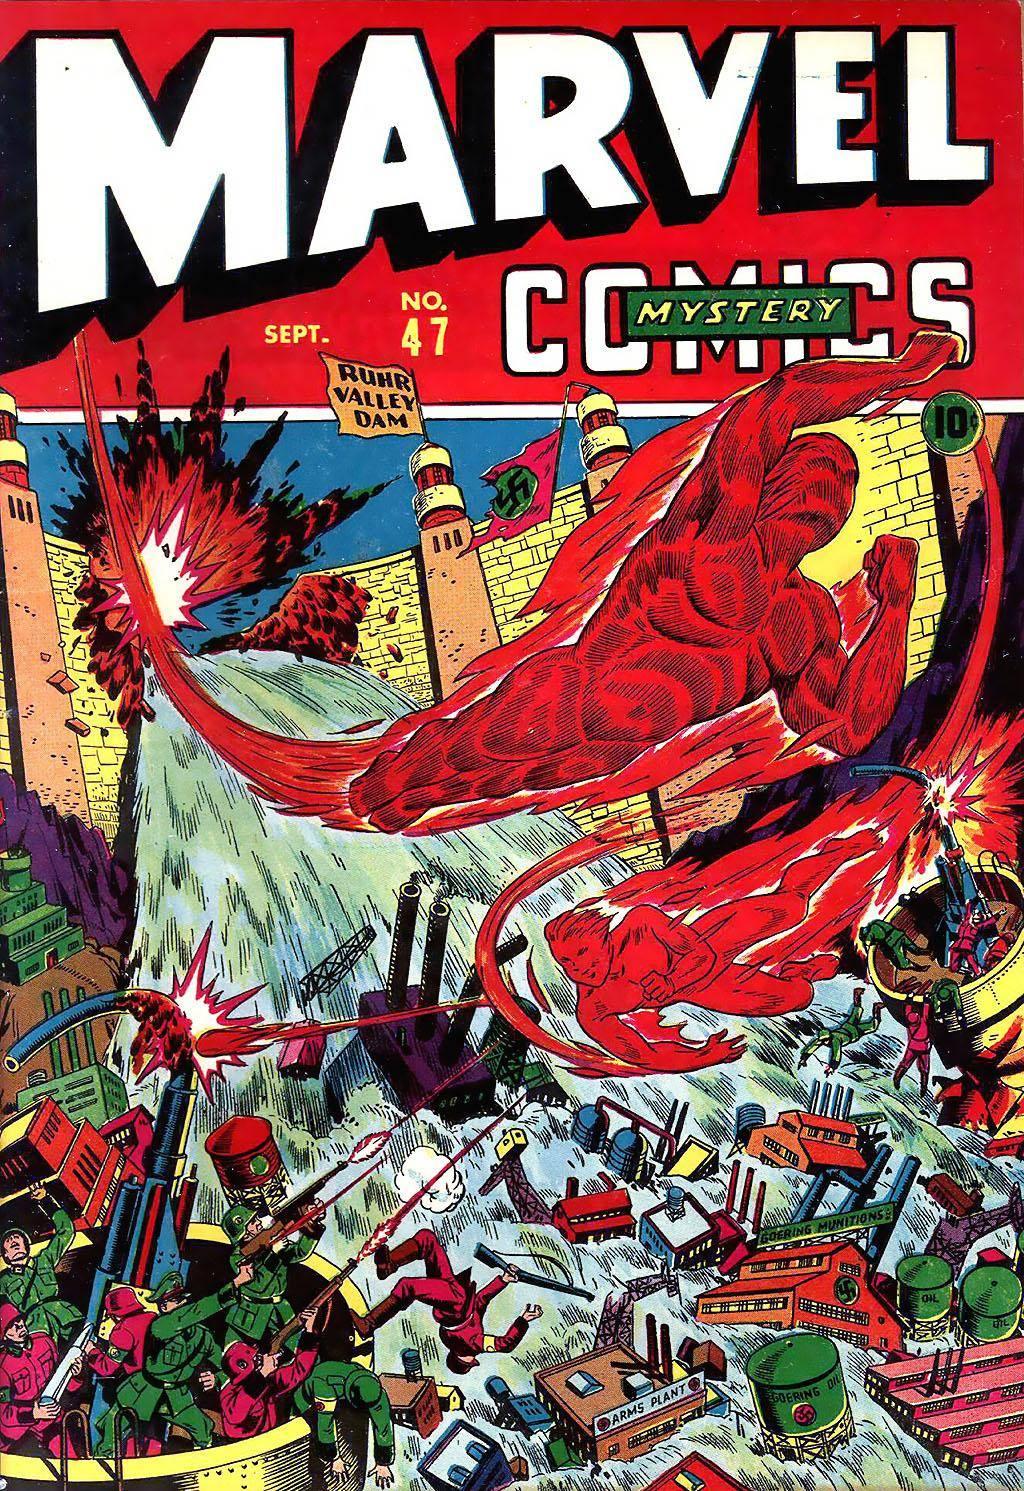 Marvel Mystery Comics v1 047